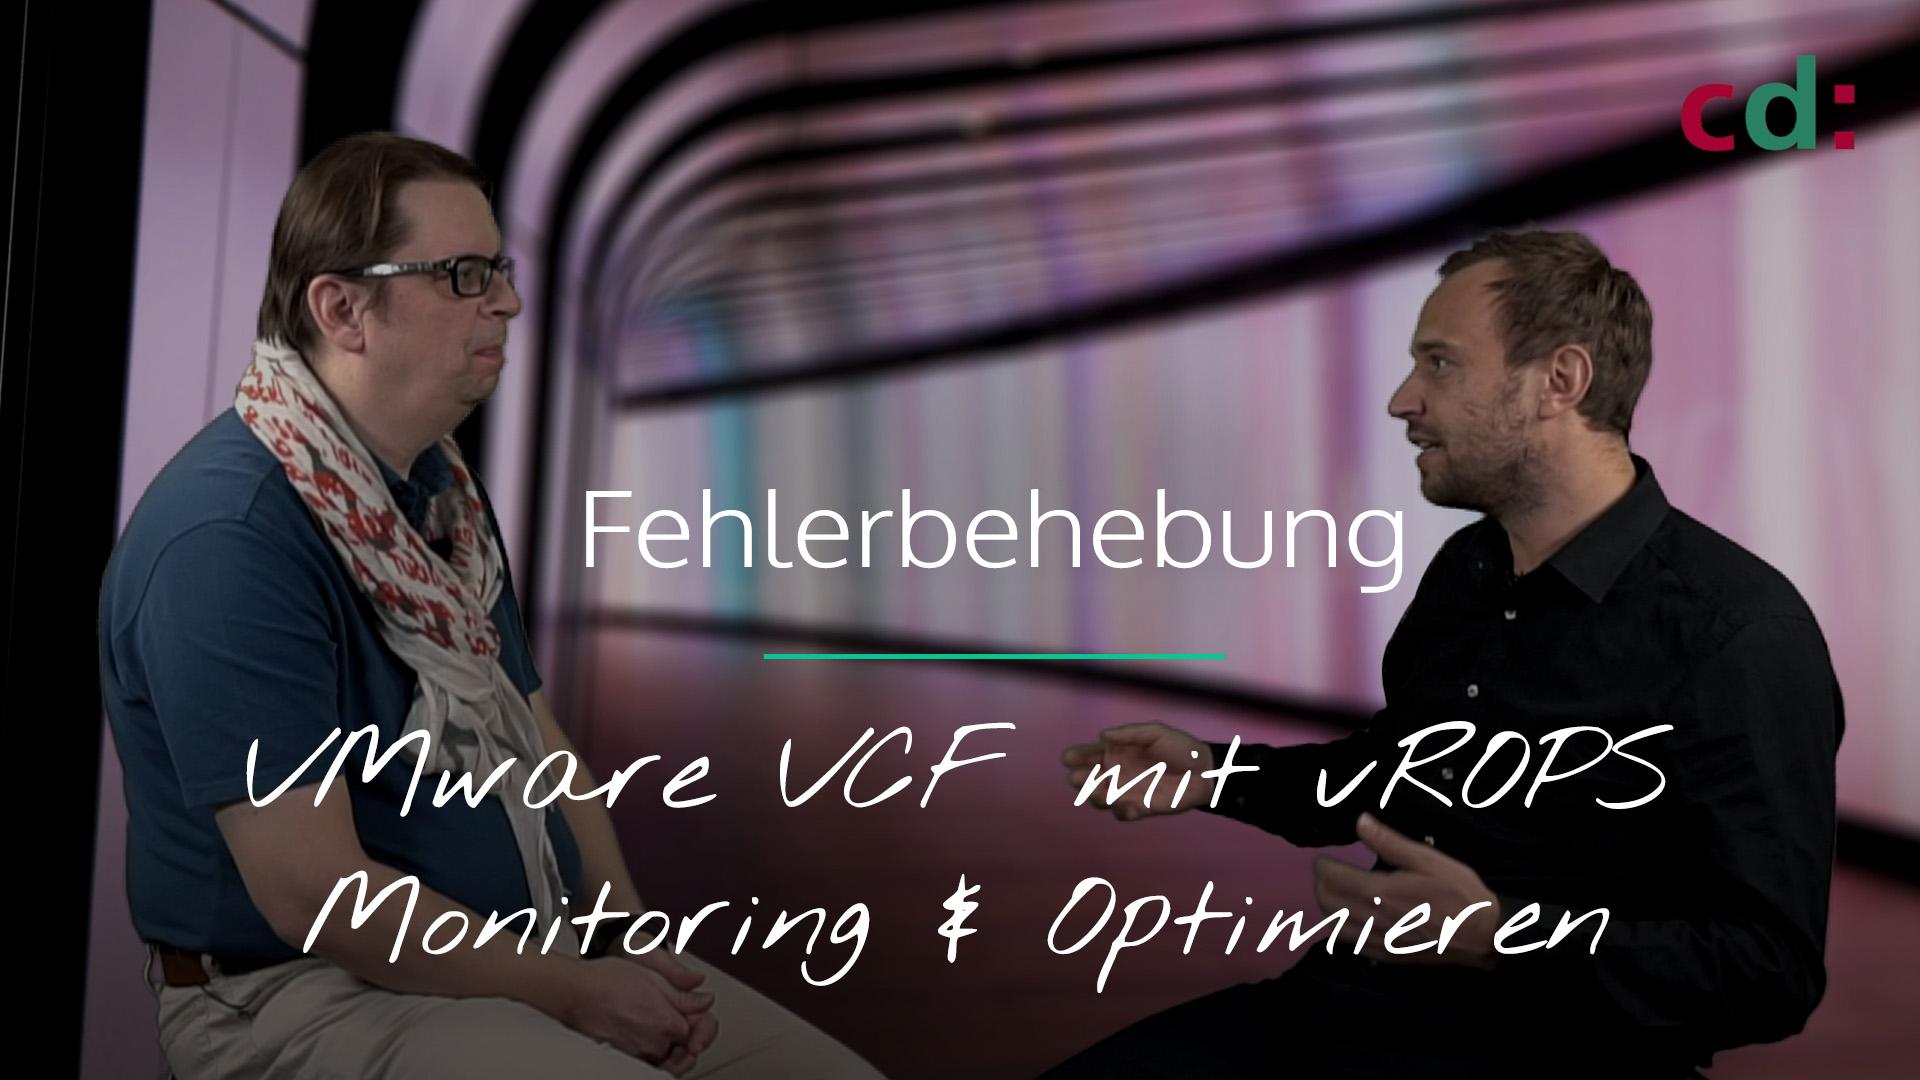 VMware VCF und vROPS - Intelligente Fehlerbehebung